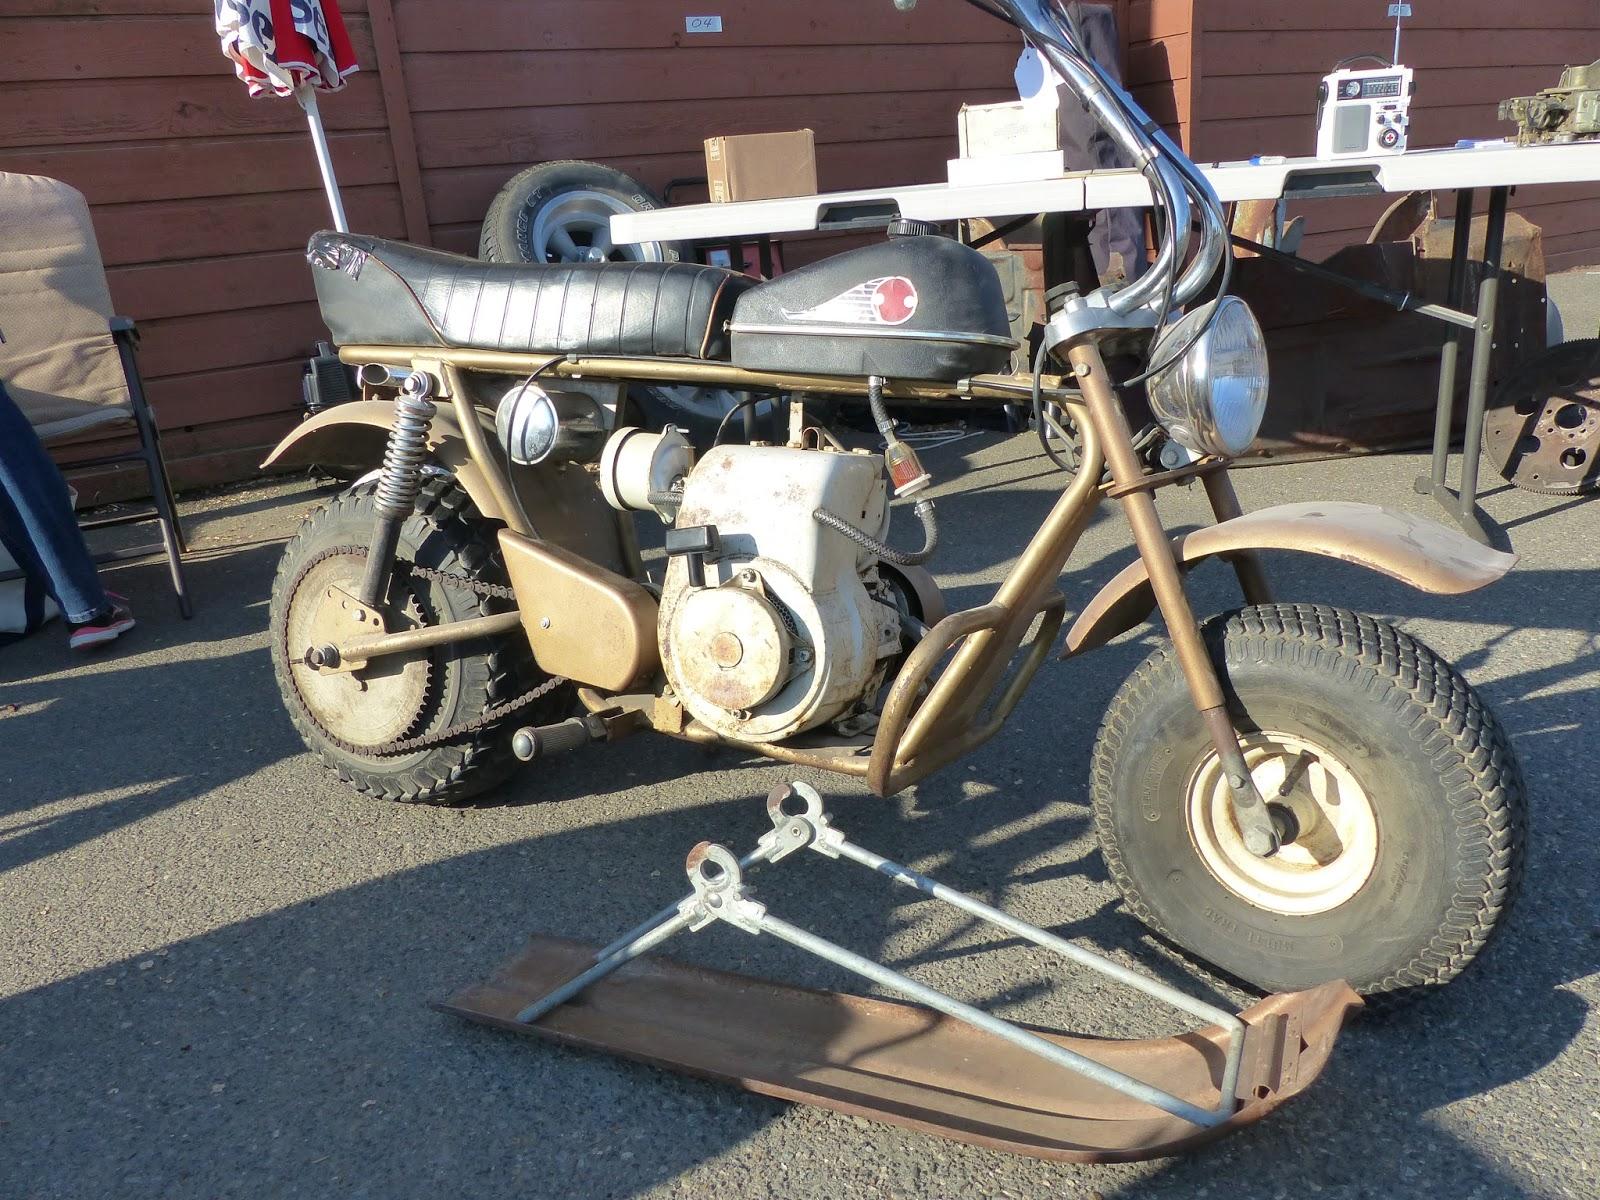 Oldmotodude Heathkit Mini Bike With Ski For Sale 1500 At